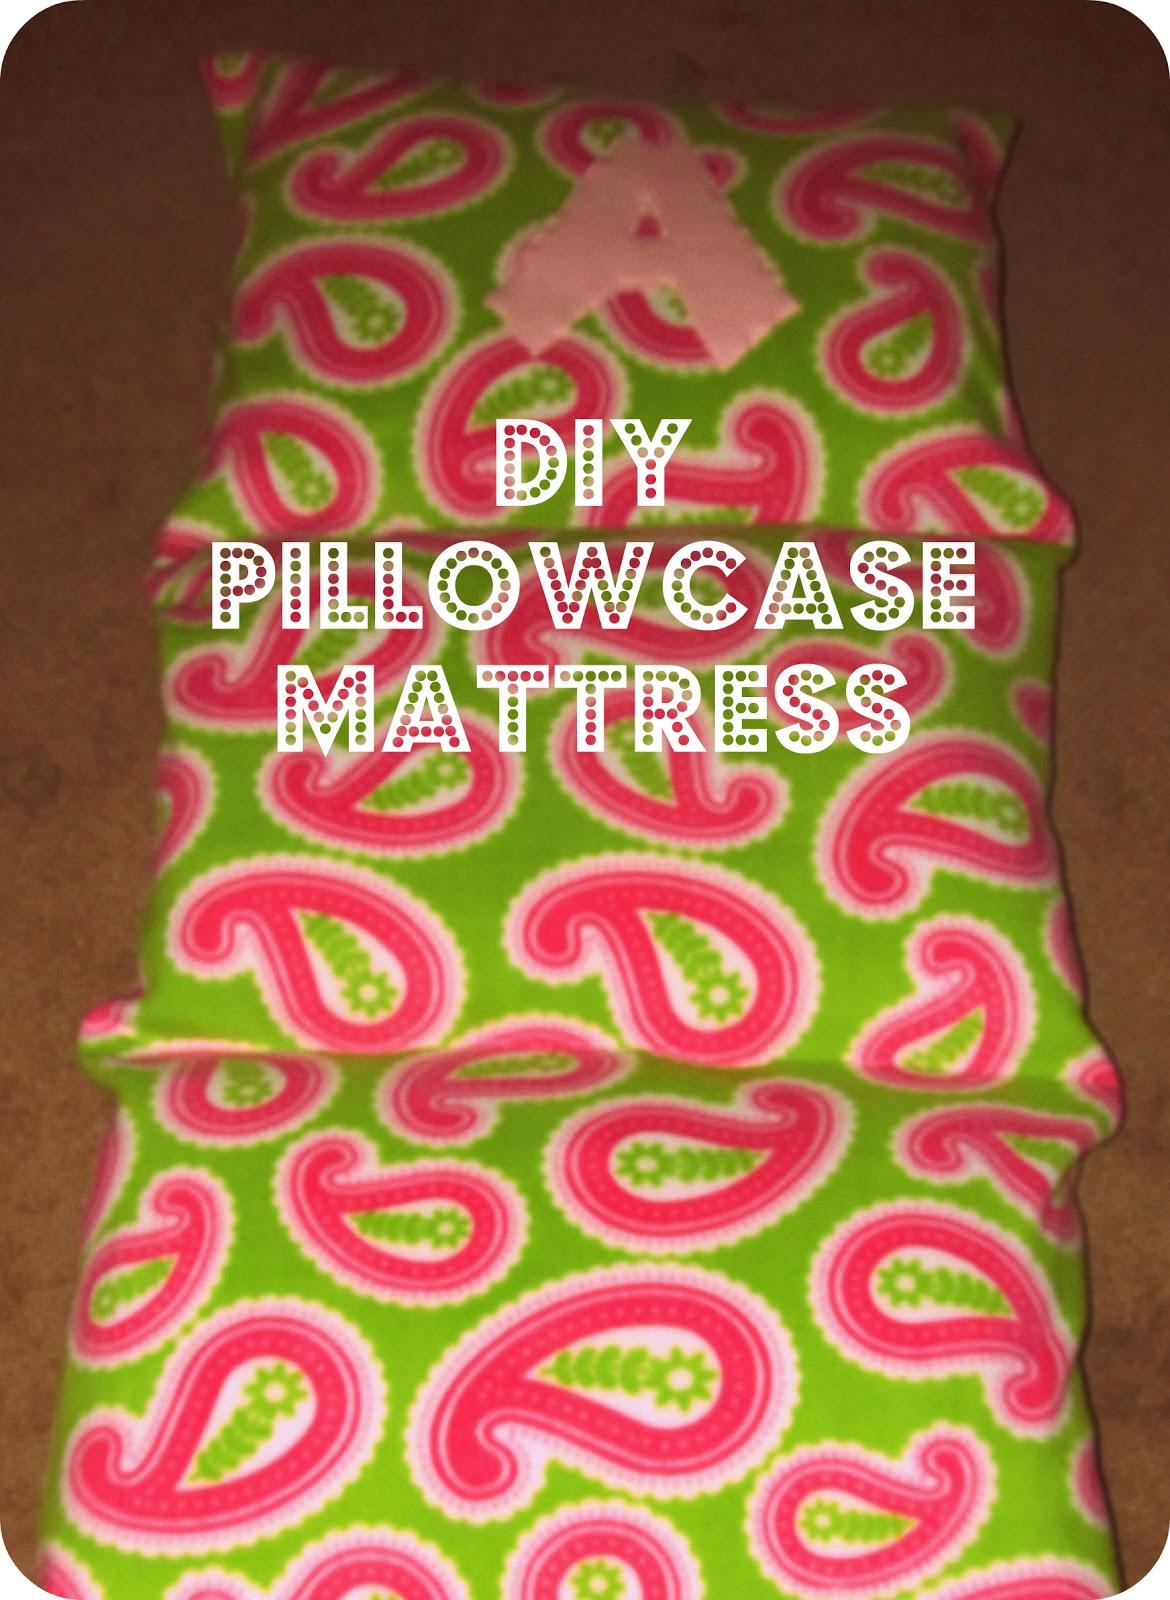 Diy Pillowcase Lounger: Bit of Blue Sky  Pillowcase Mattress Tutorial,